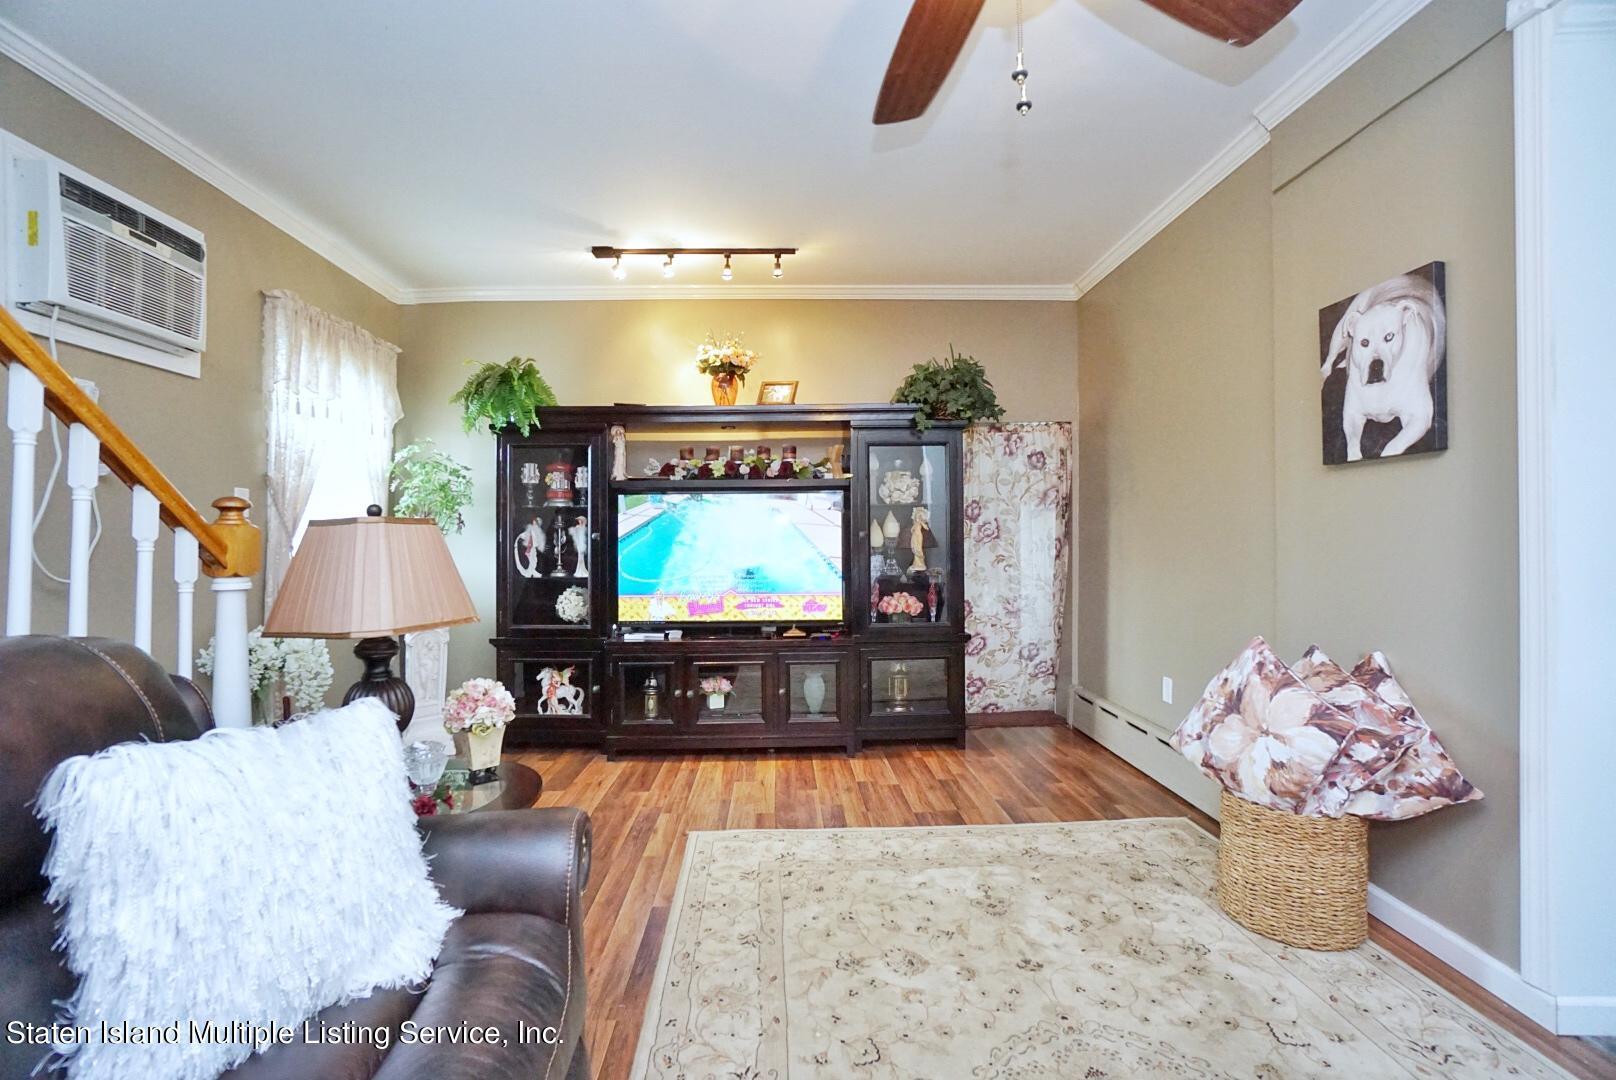 Single Family - Detached 226 Roma Avenue  Staten Island, NY 10306, MLS-1148579-12